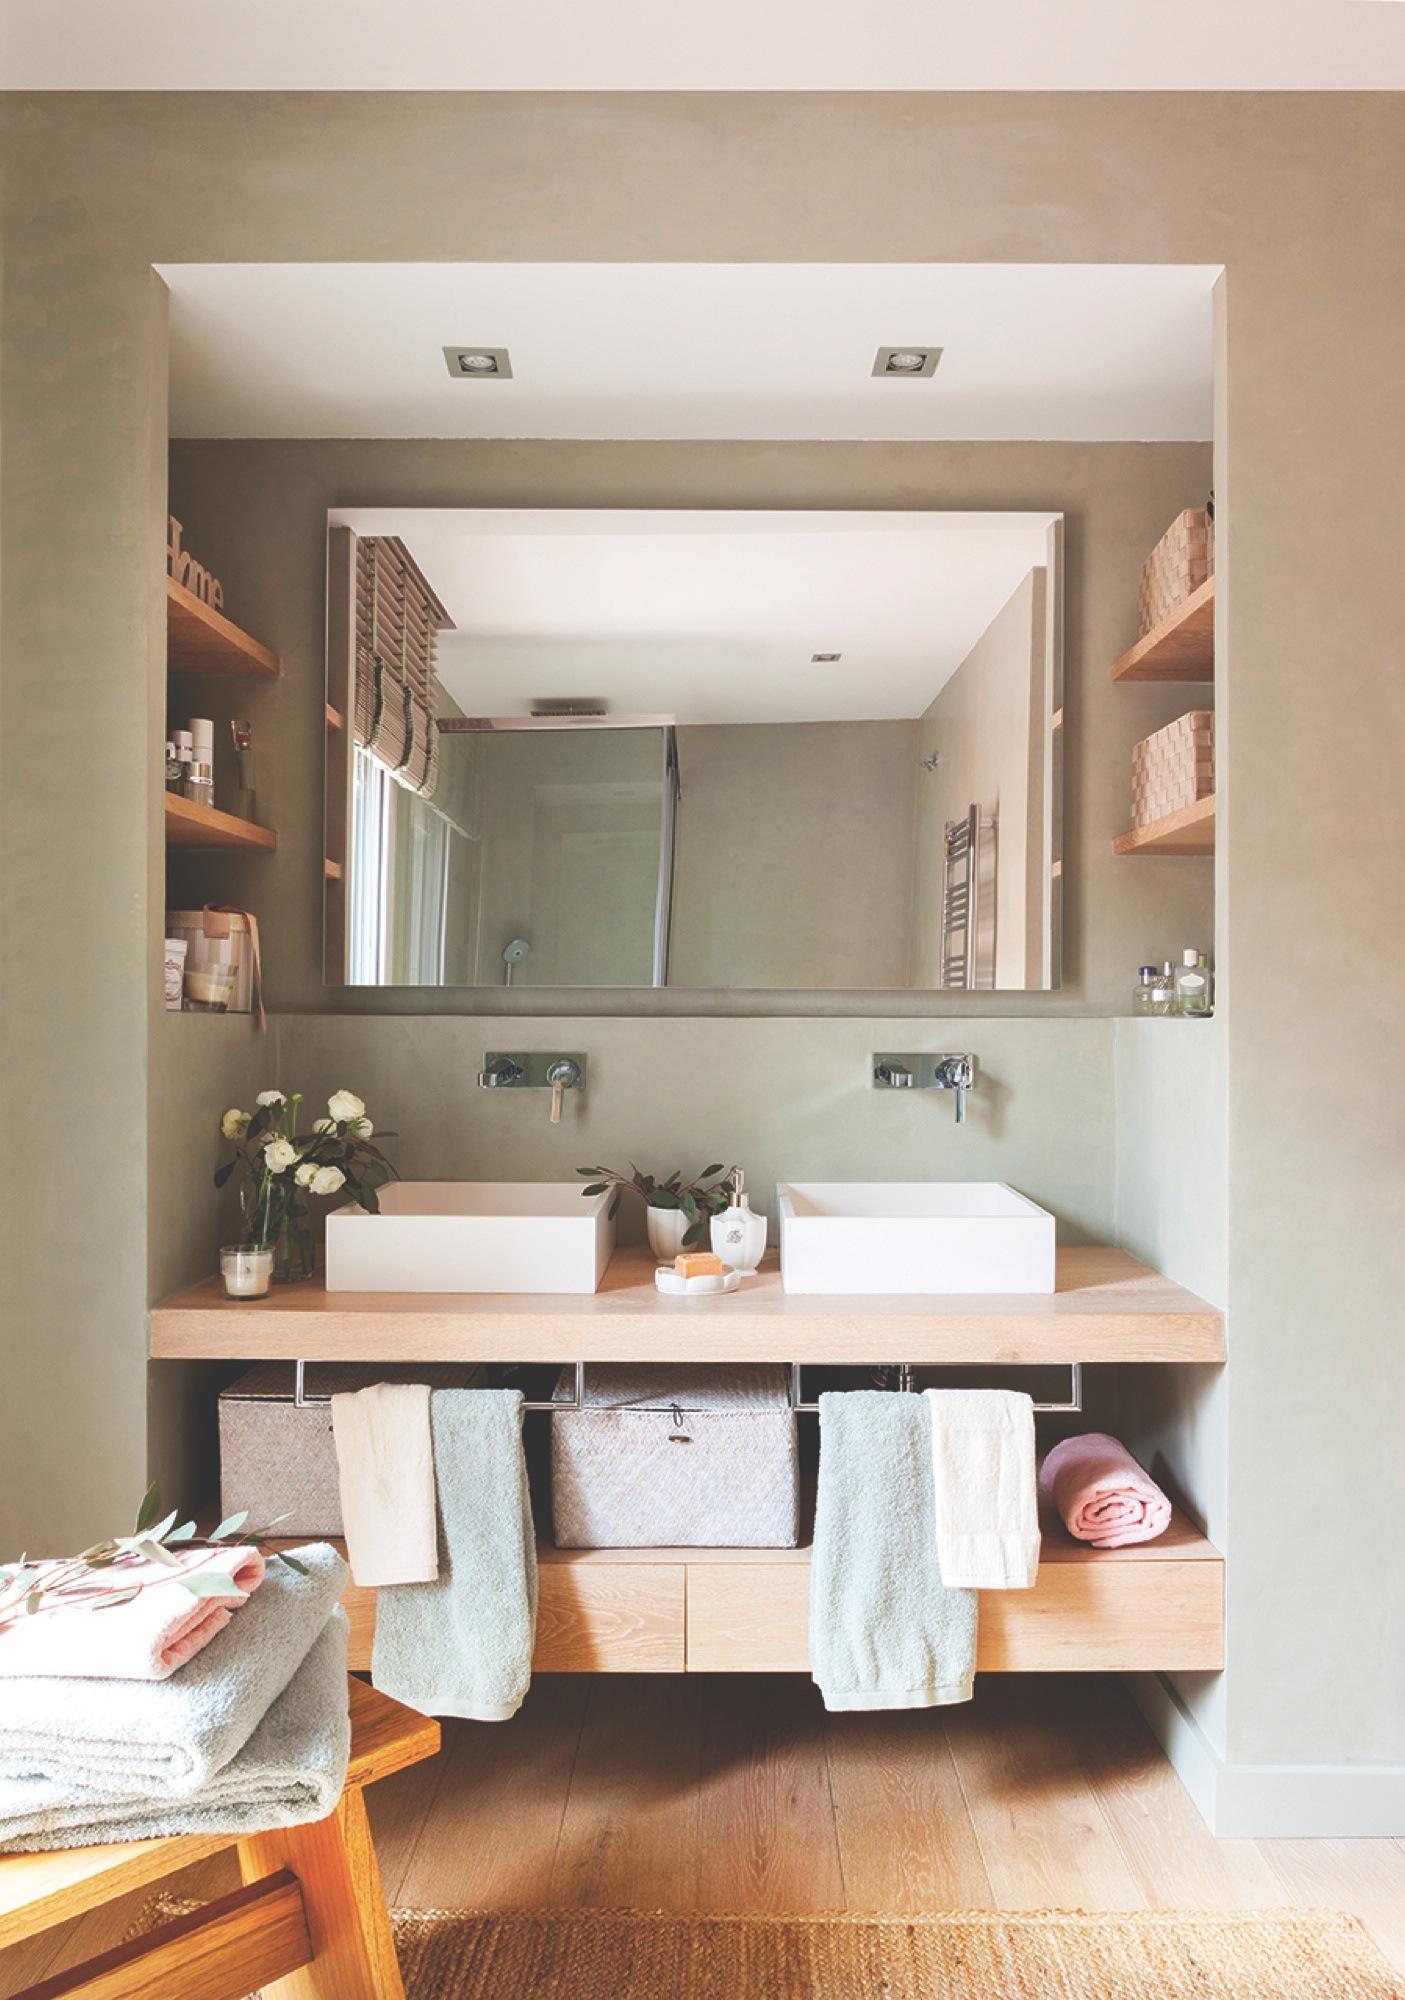 Baño con las paredes en verde con lavamanos doble 00424415. Territorio  comanche 860e59baeae2